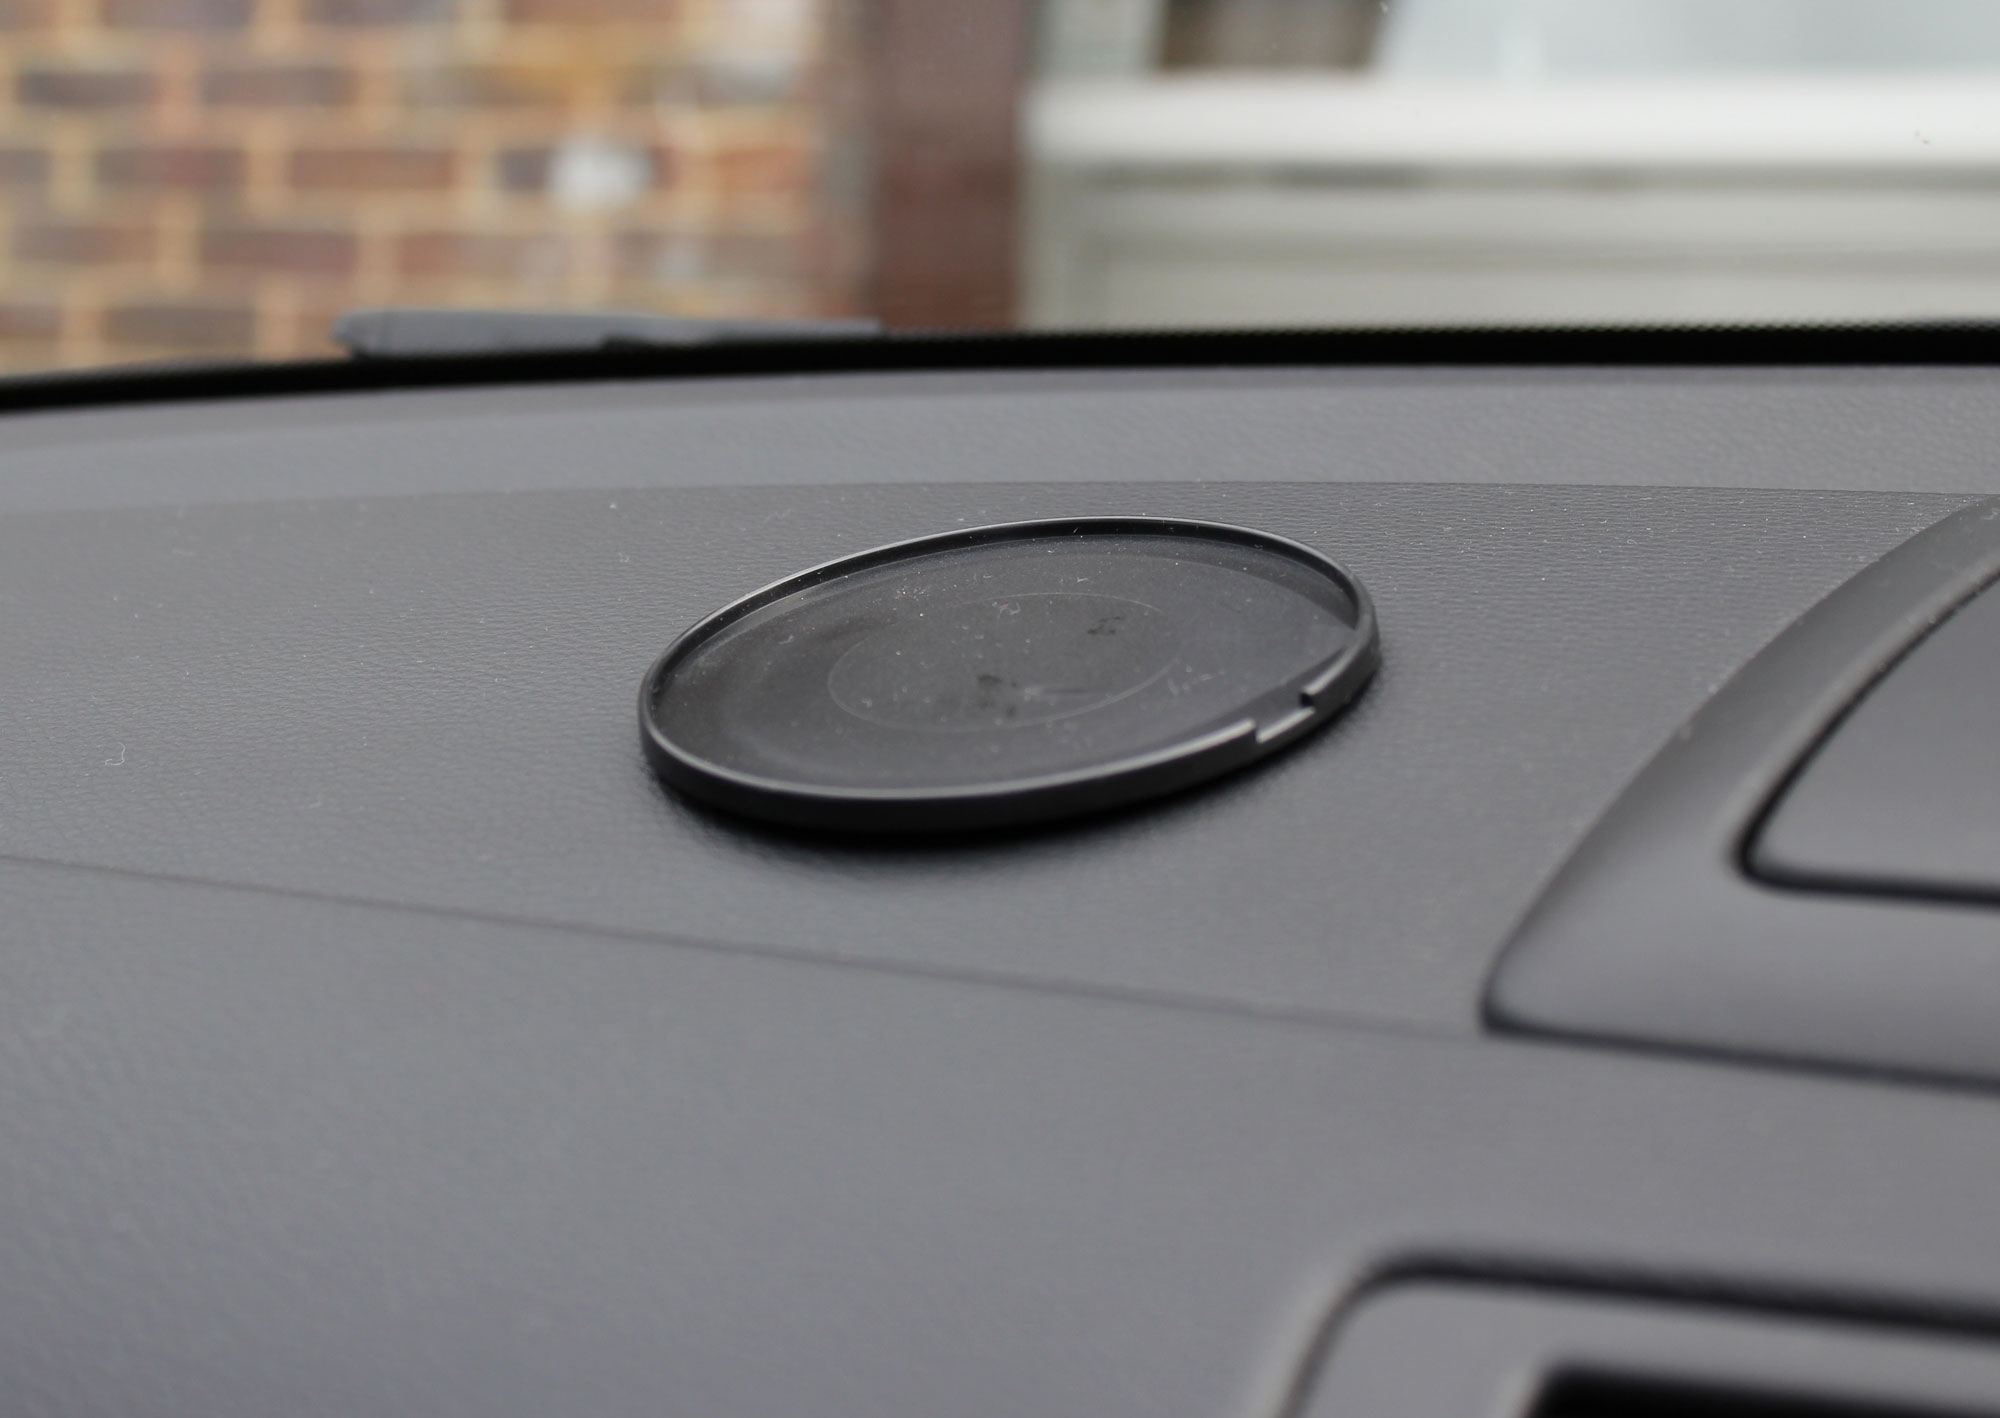 disques de fixation pour gps garmin edge 800 au tableau de bord de voiture ebay. Black Bedroom Furniture Sets. Home Design Ideas